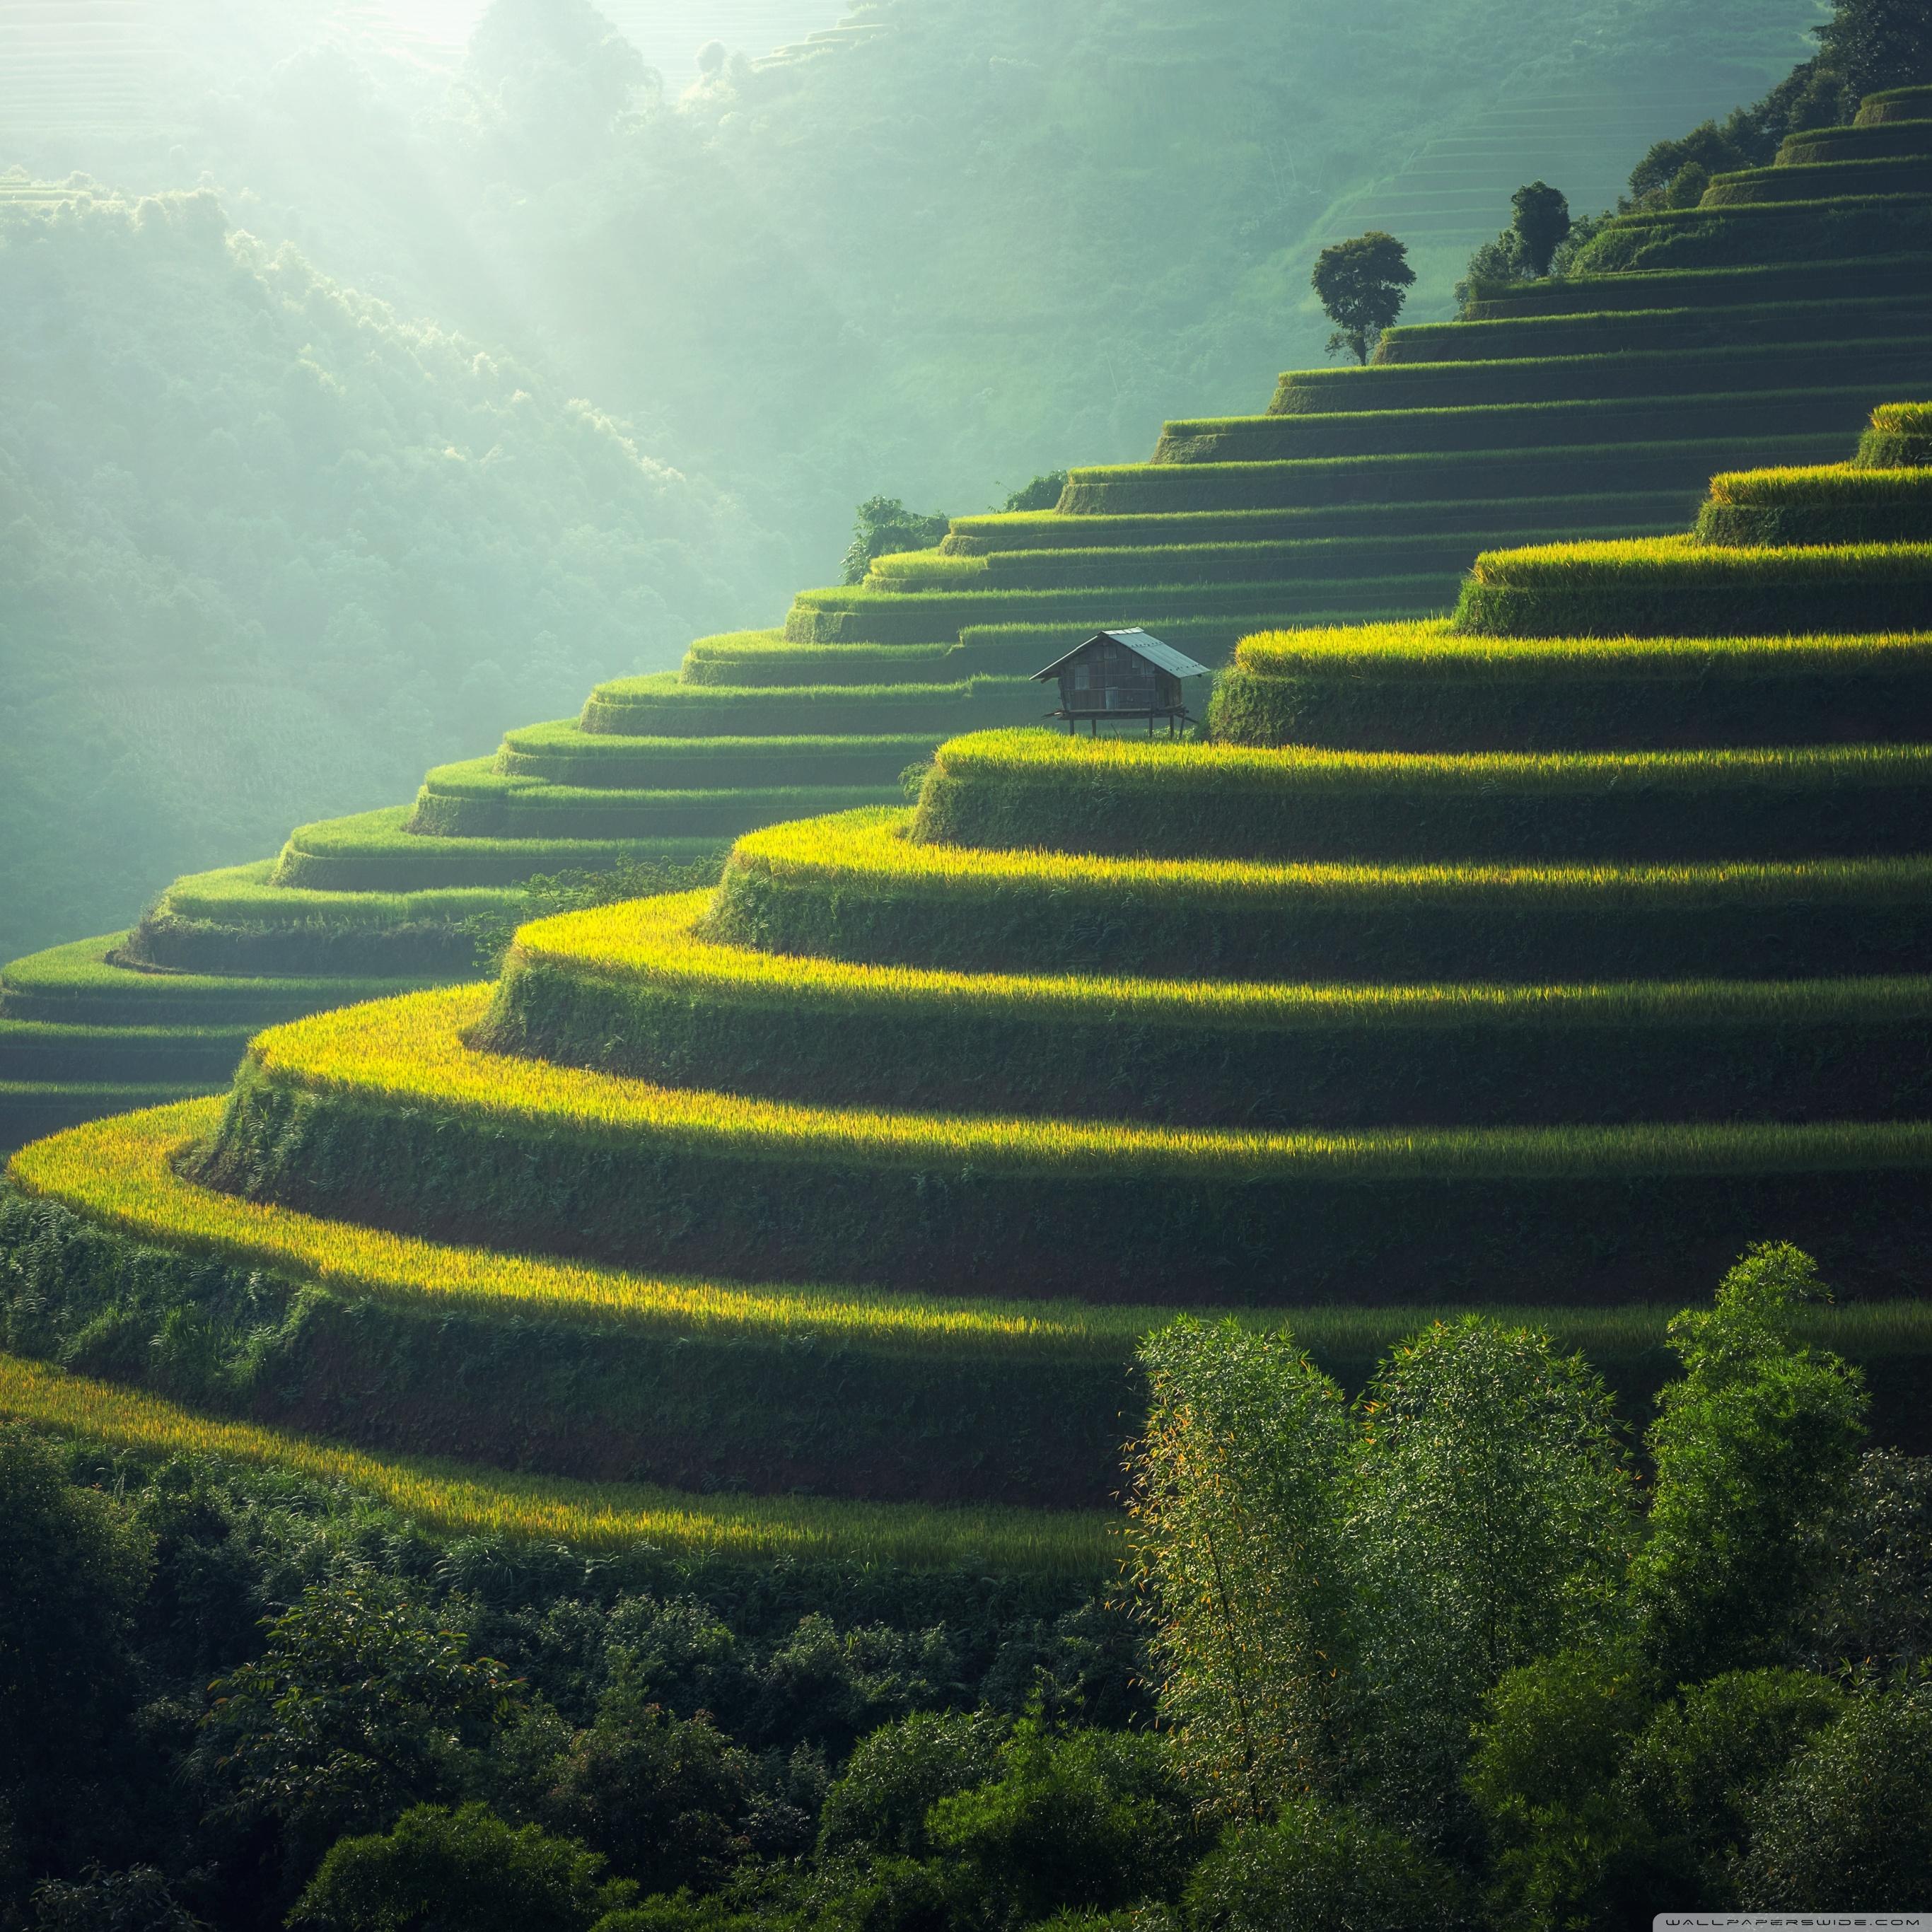 壁纸 成片种植 风景 植物 种植基地 桌面 2732_2732